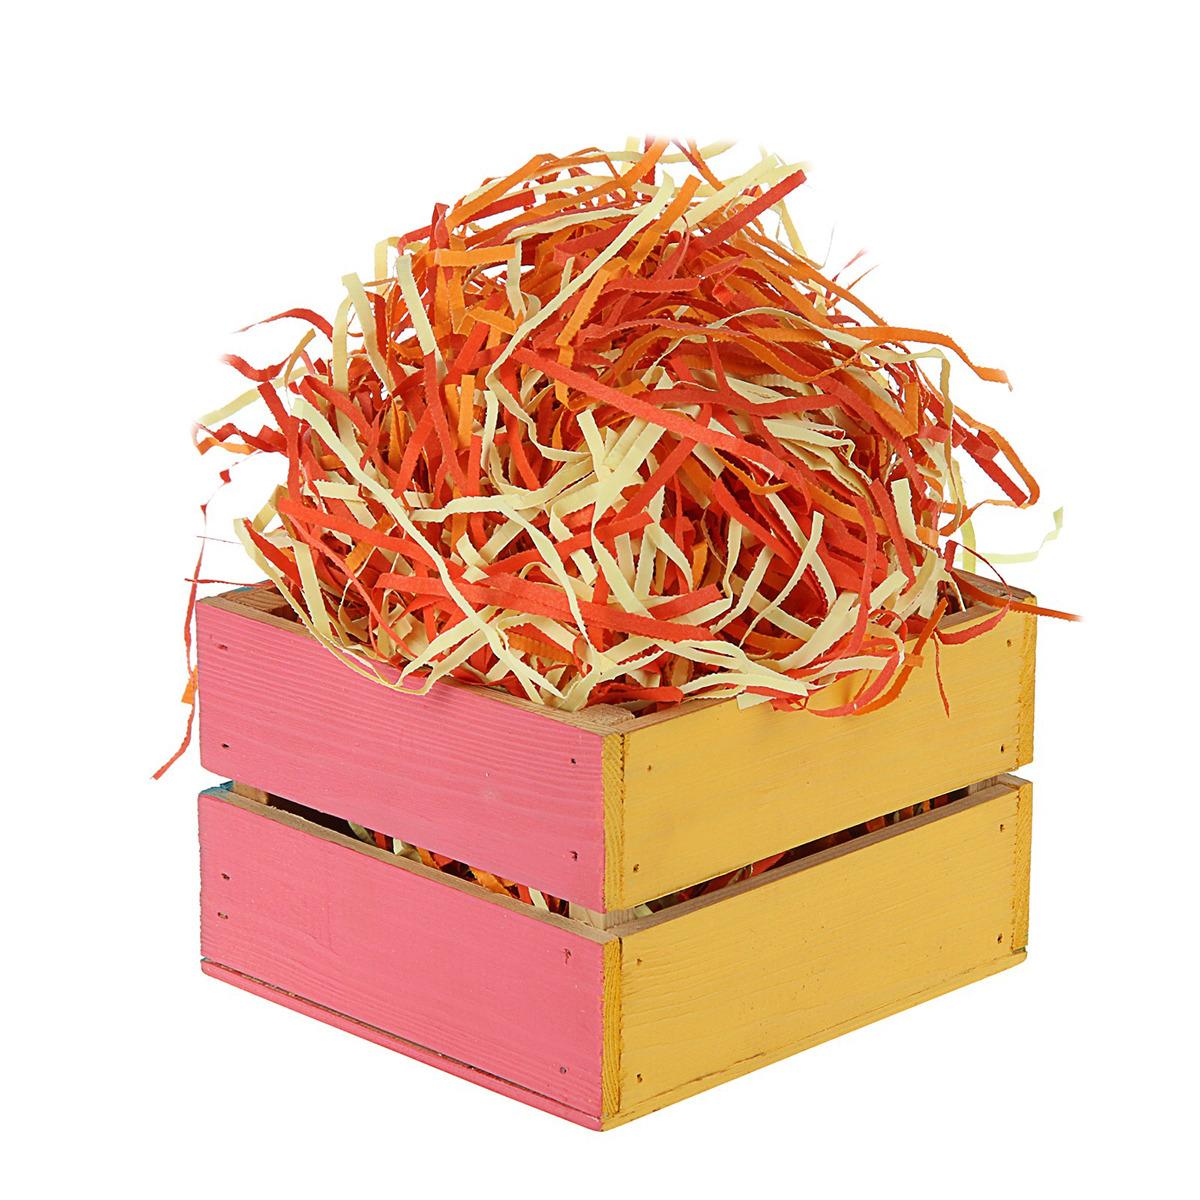 Декоративный наполнитель Гроздья рябины, 3395226, разноцветный, 500 г белозерская ольга г бумажный лев